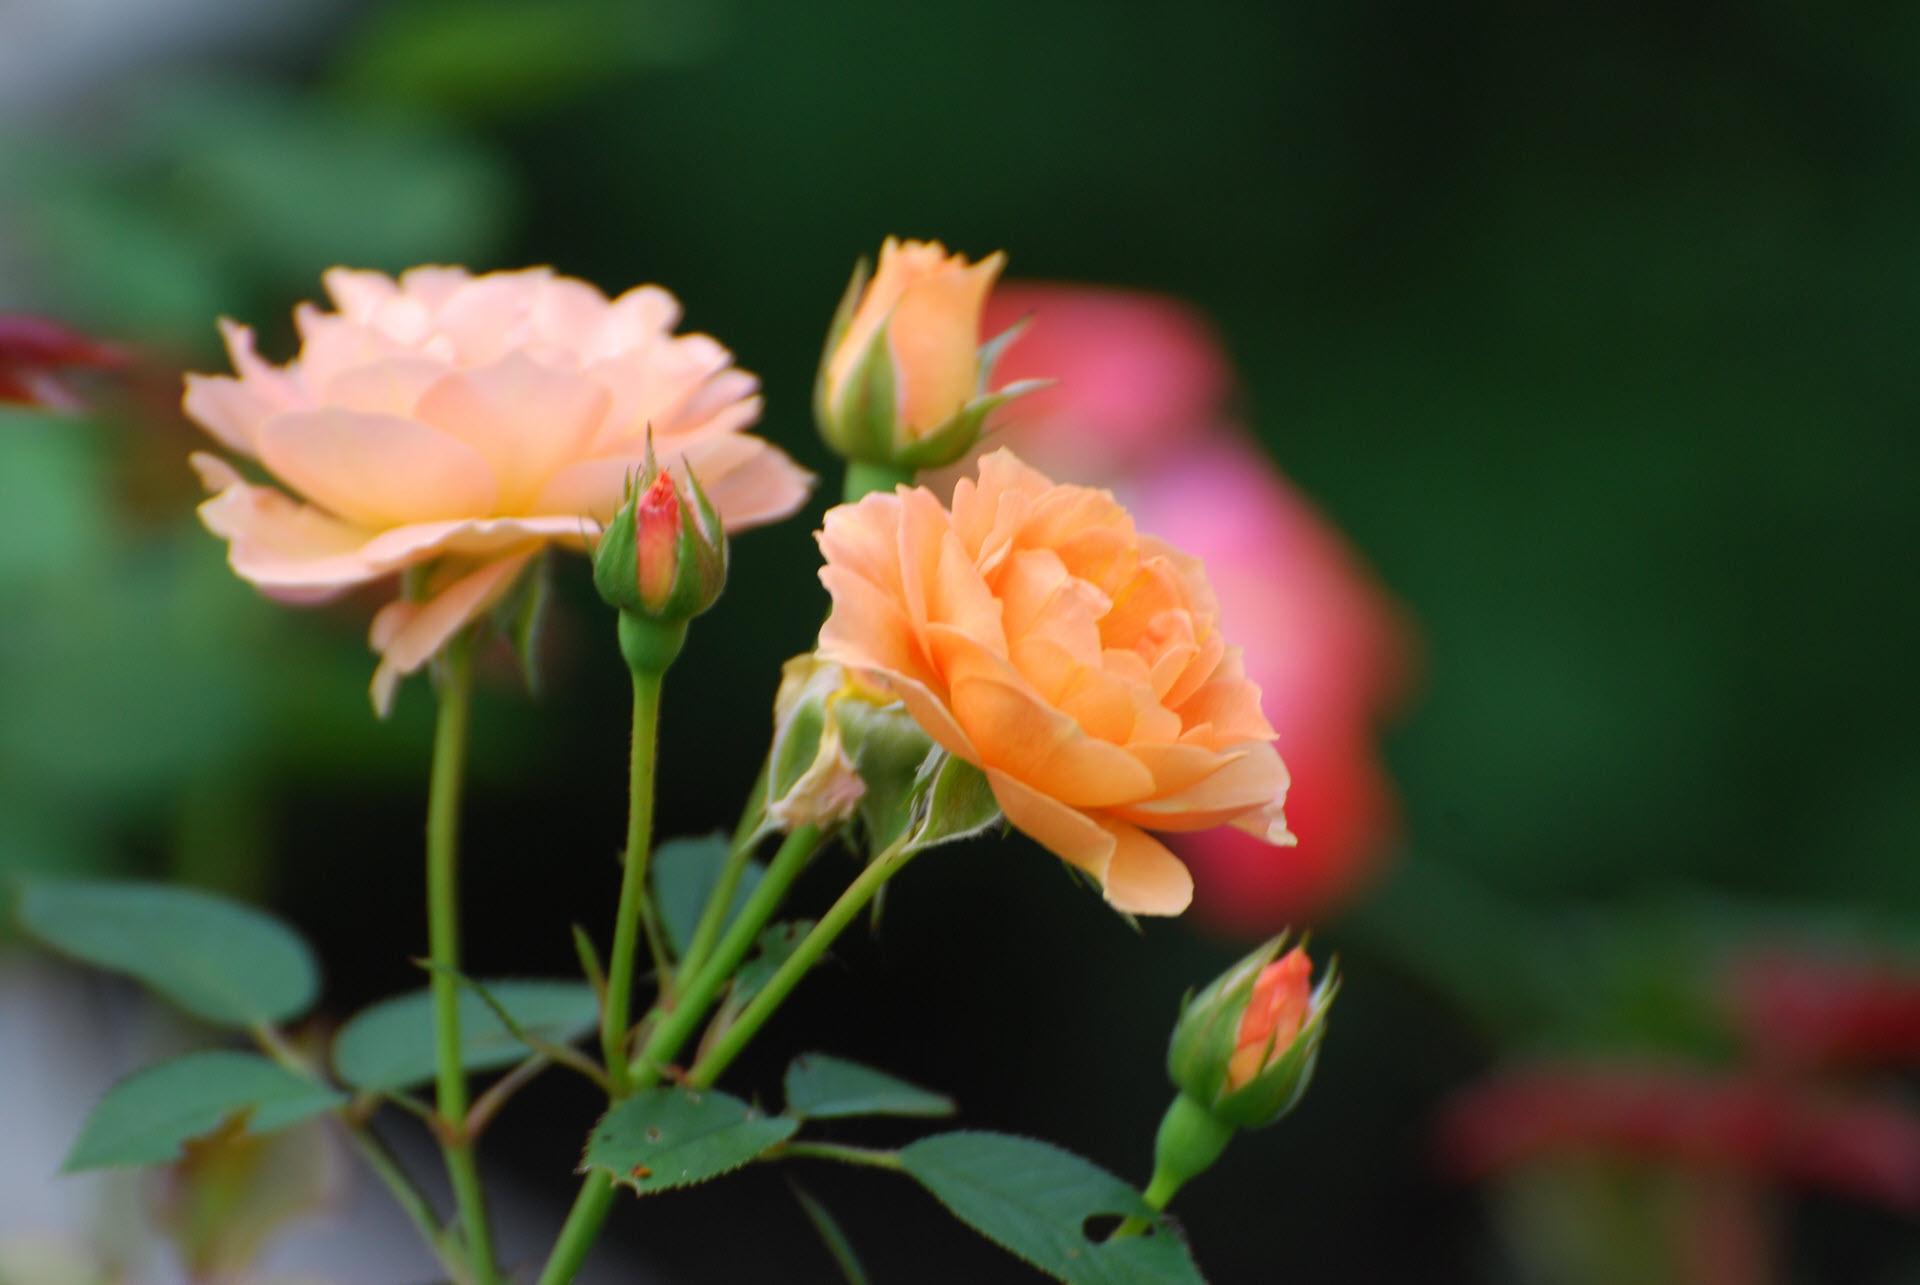 Hình ảnh những đóa hoa hồng cam đẹp